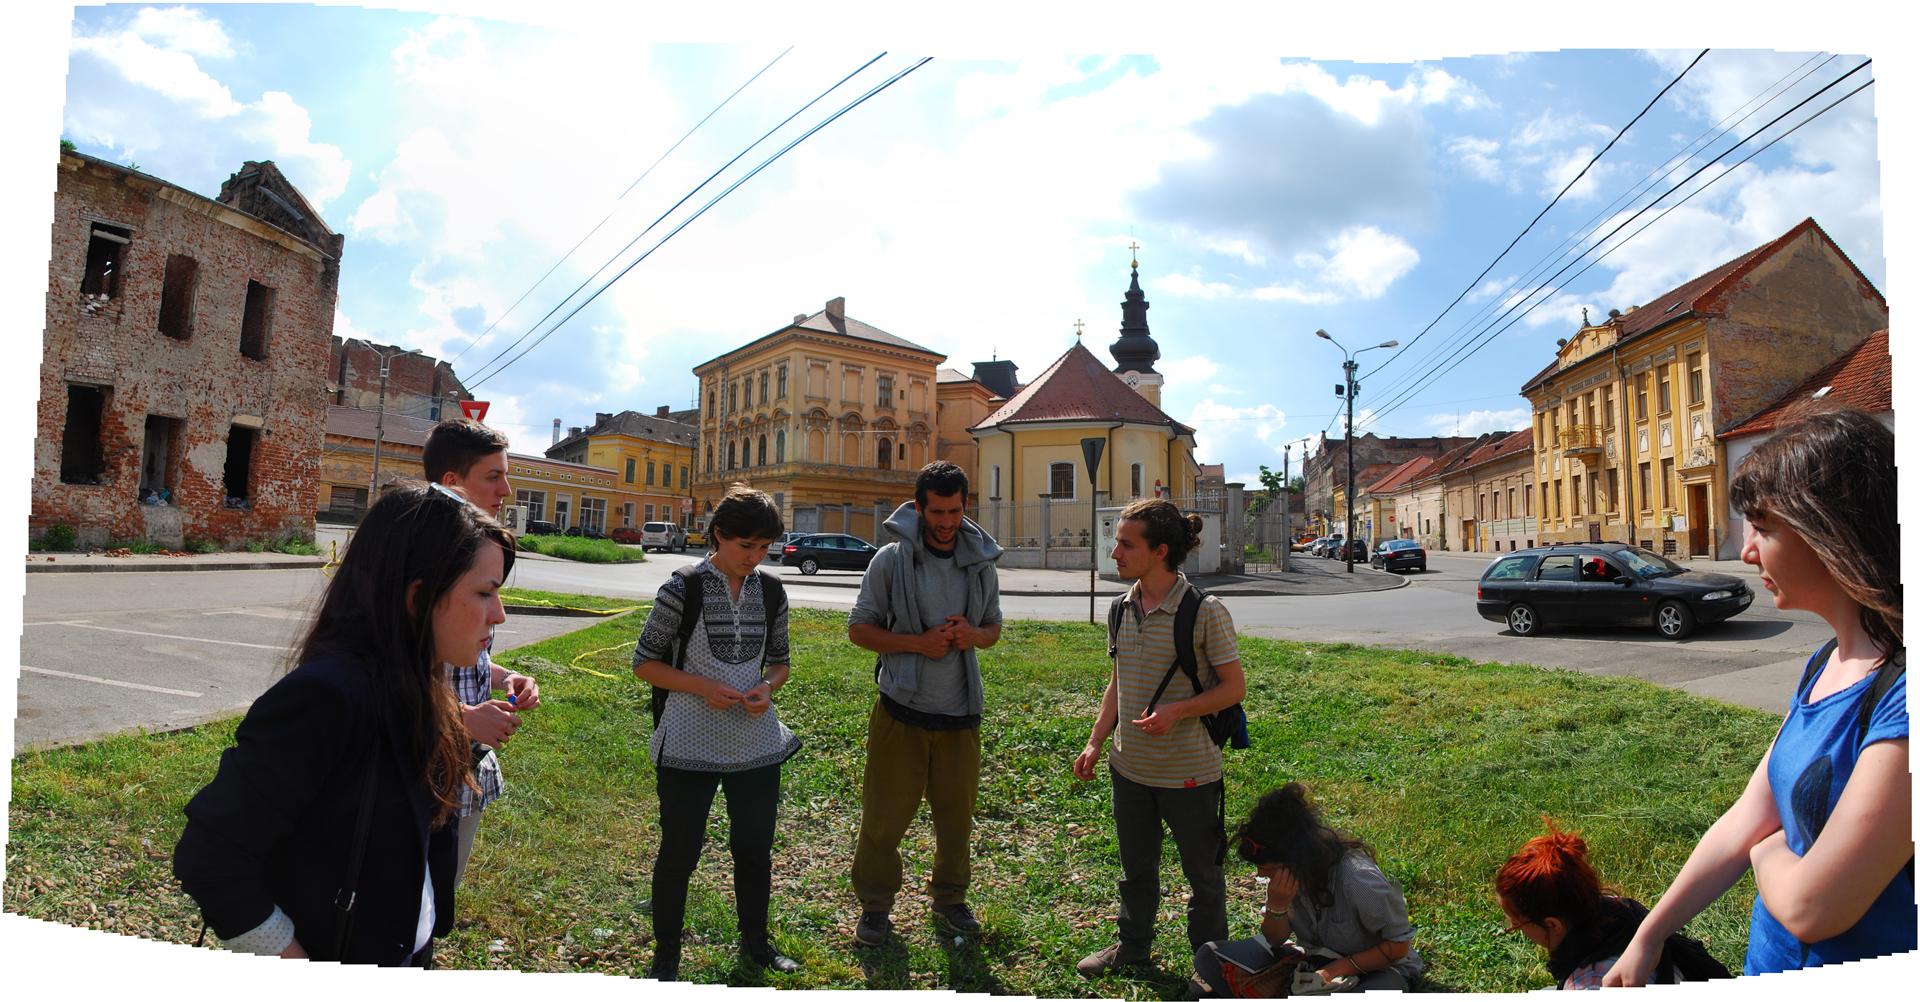 Първи оглед, няколко часа след пристигане в Тимишоара.